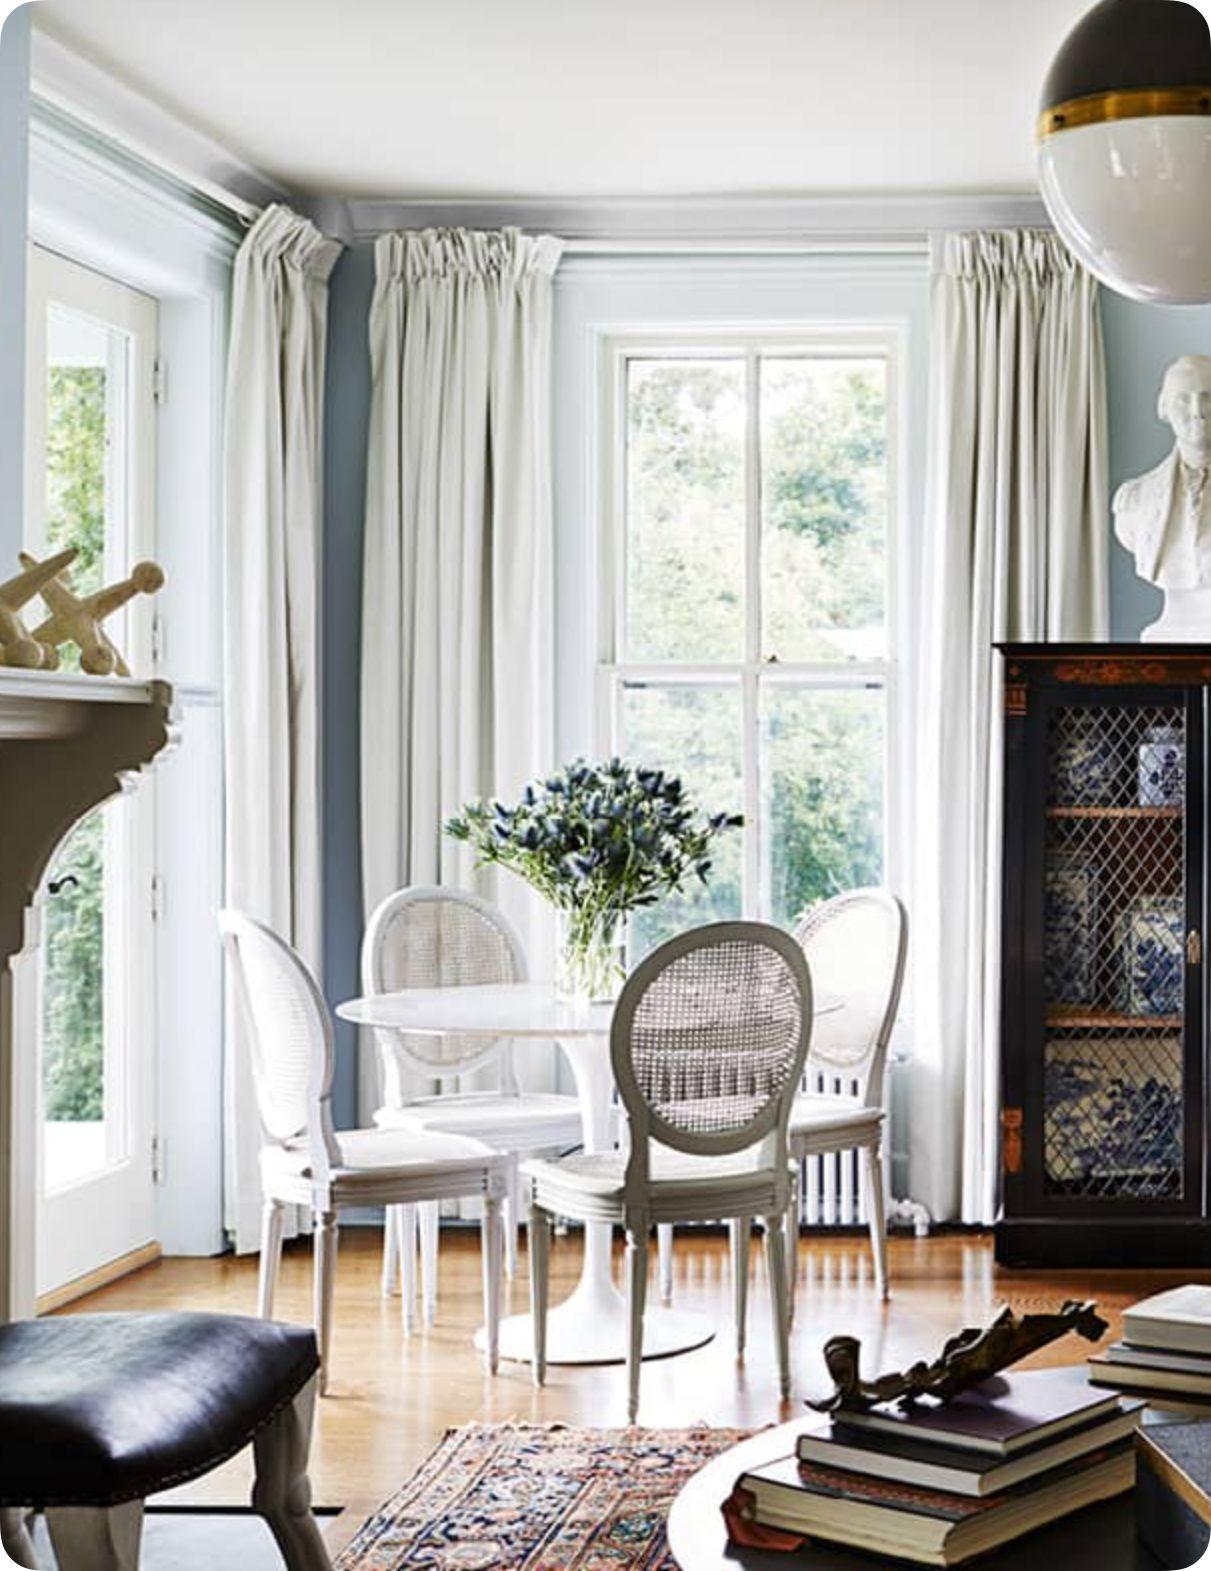 House Beautiful November 2017. Designer Juan Carretero